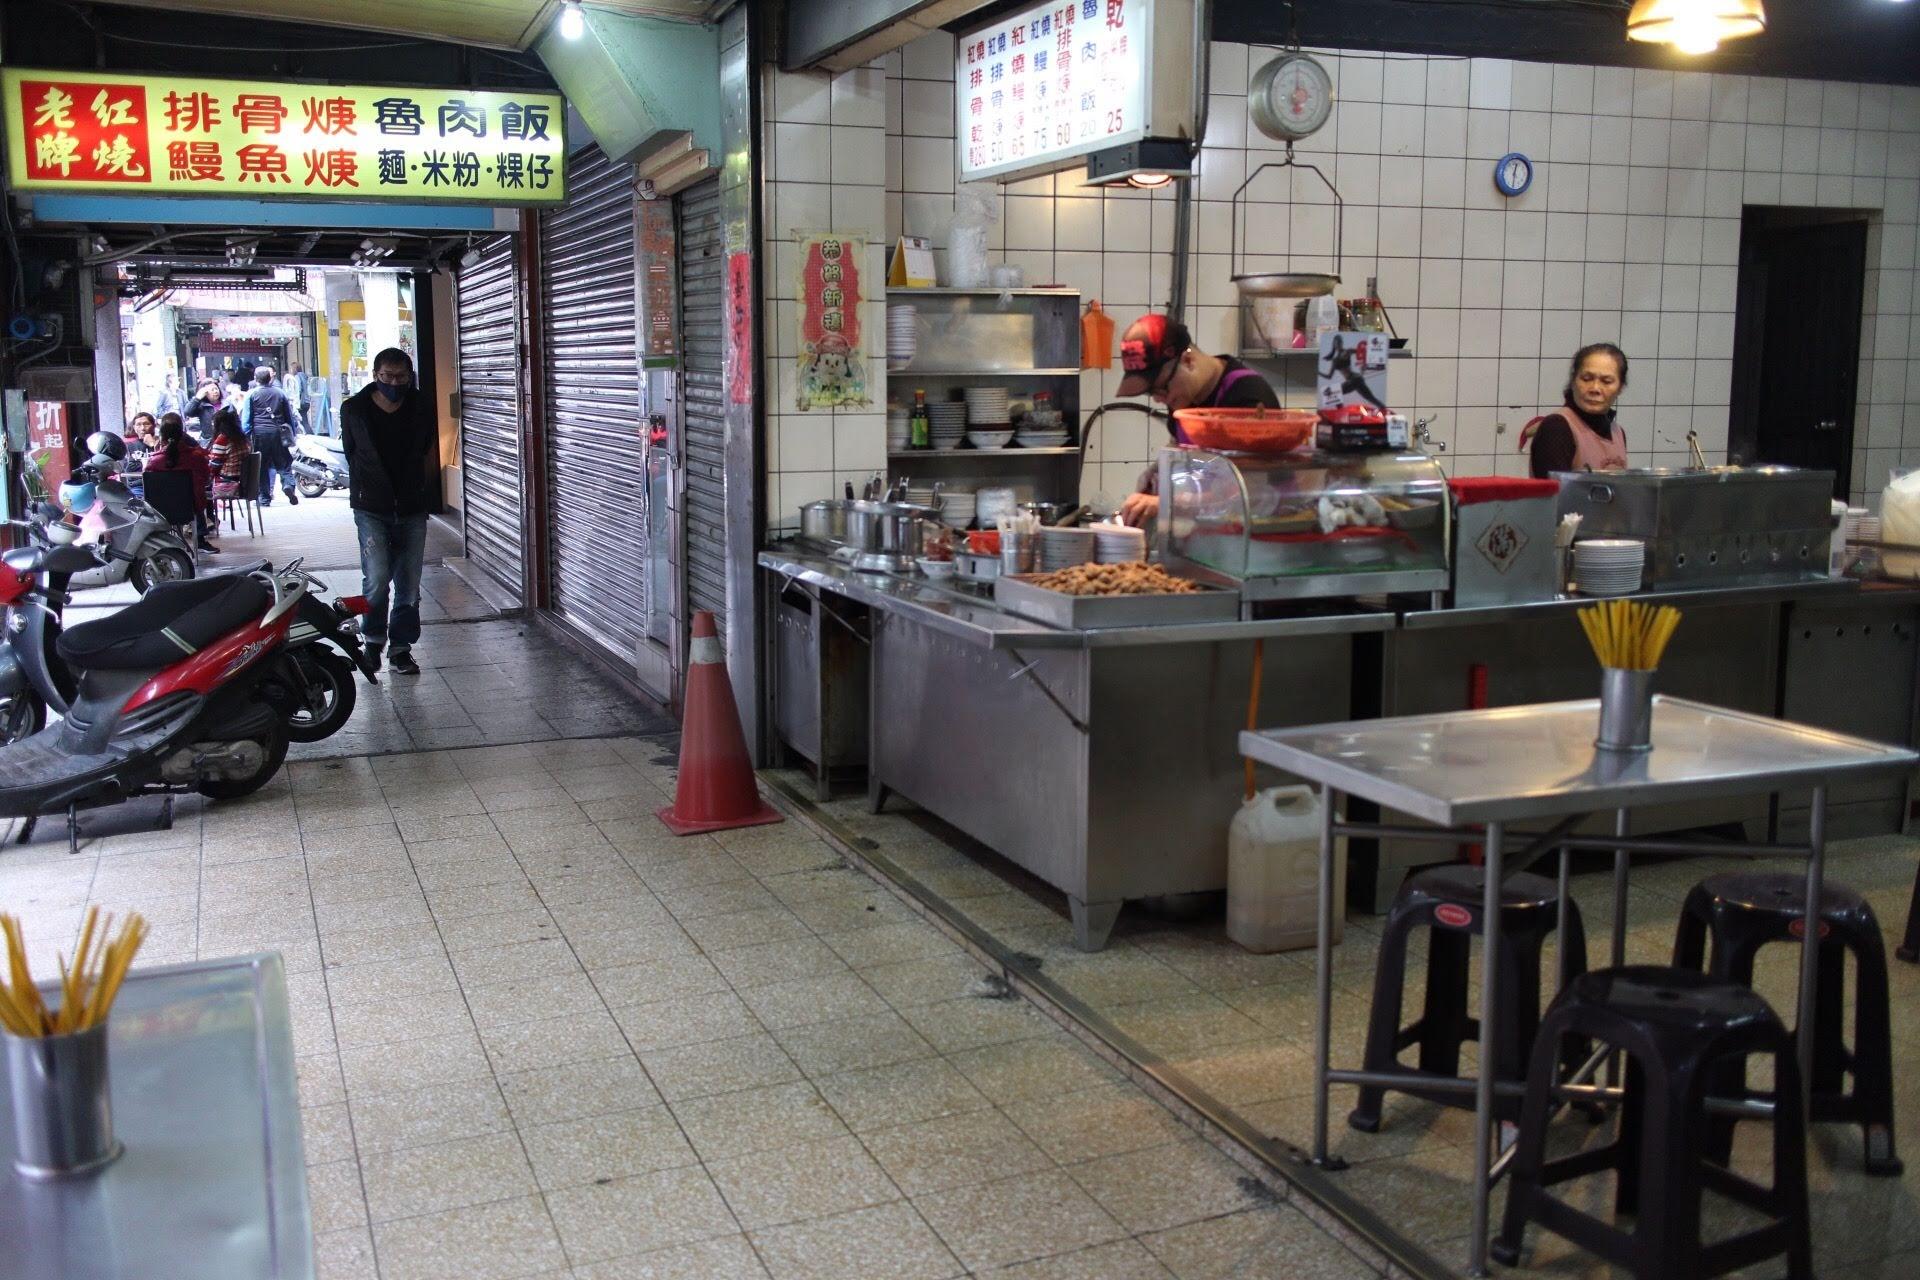 基隆火車站附近美食-老牌紅燒排骨羹